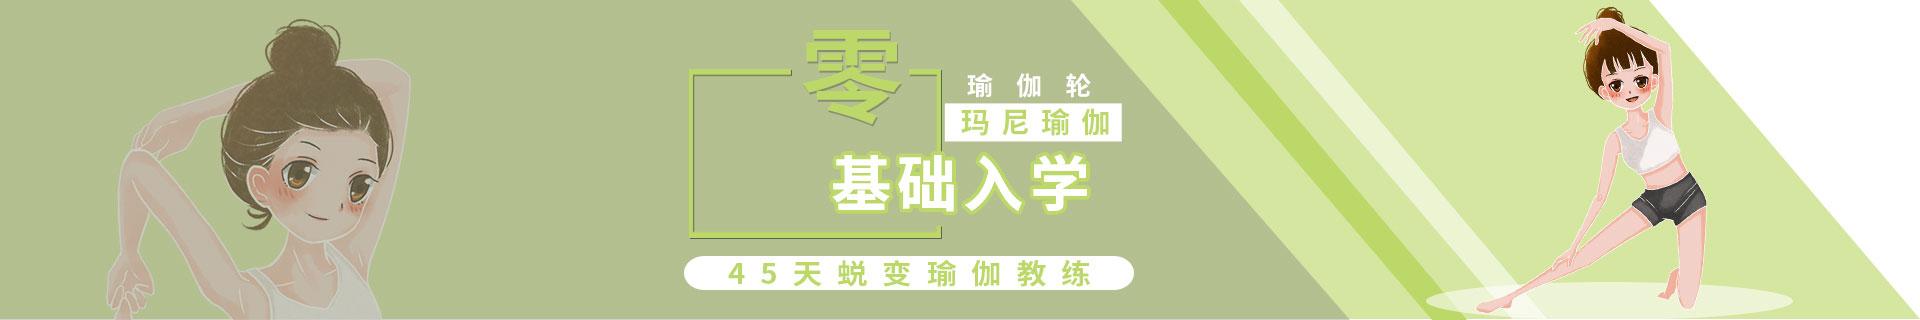 苏州昆山台协玛尼瑜伽培训